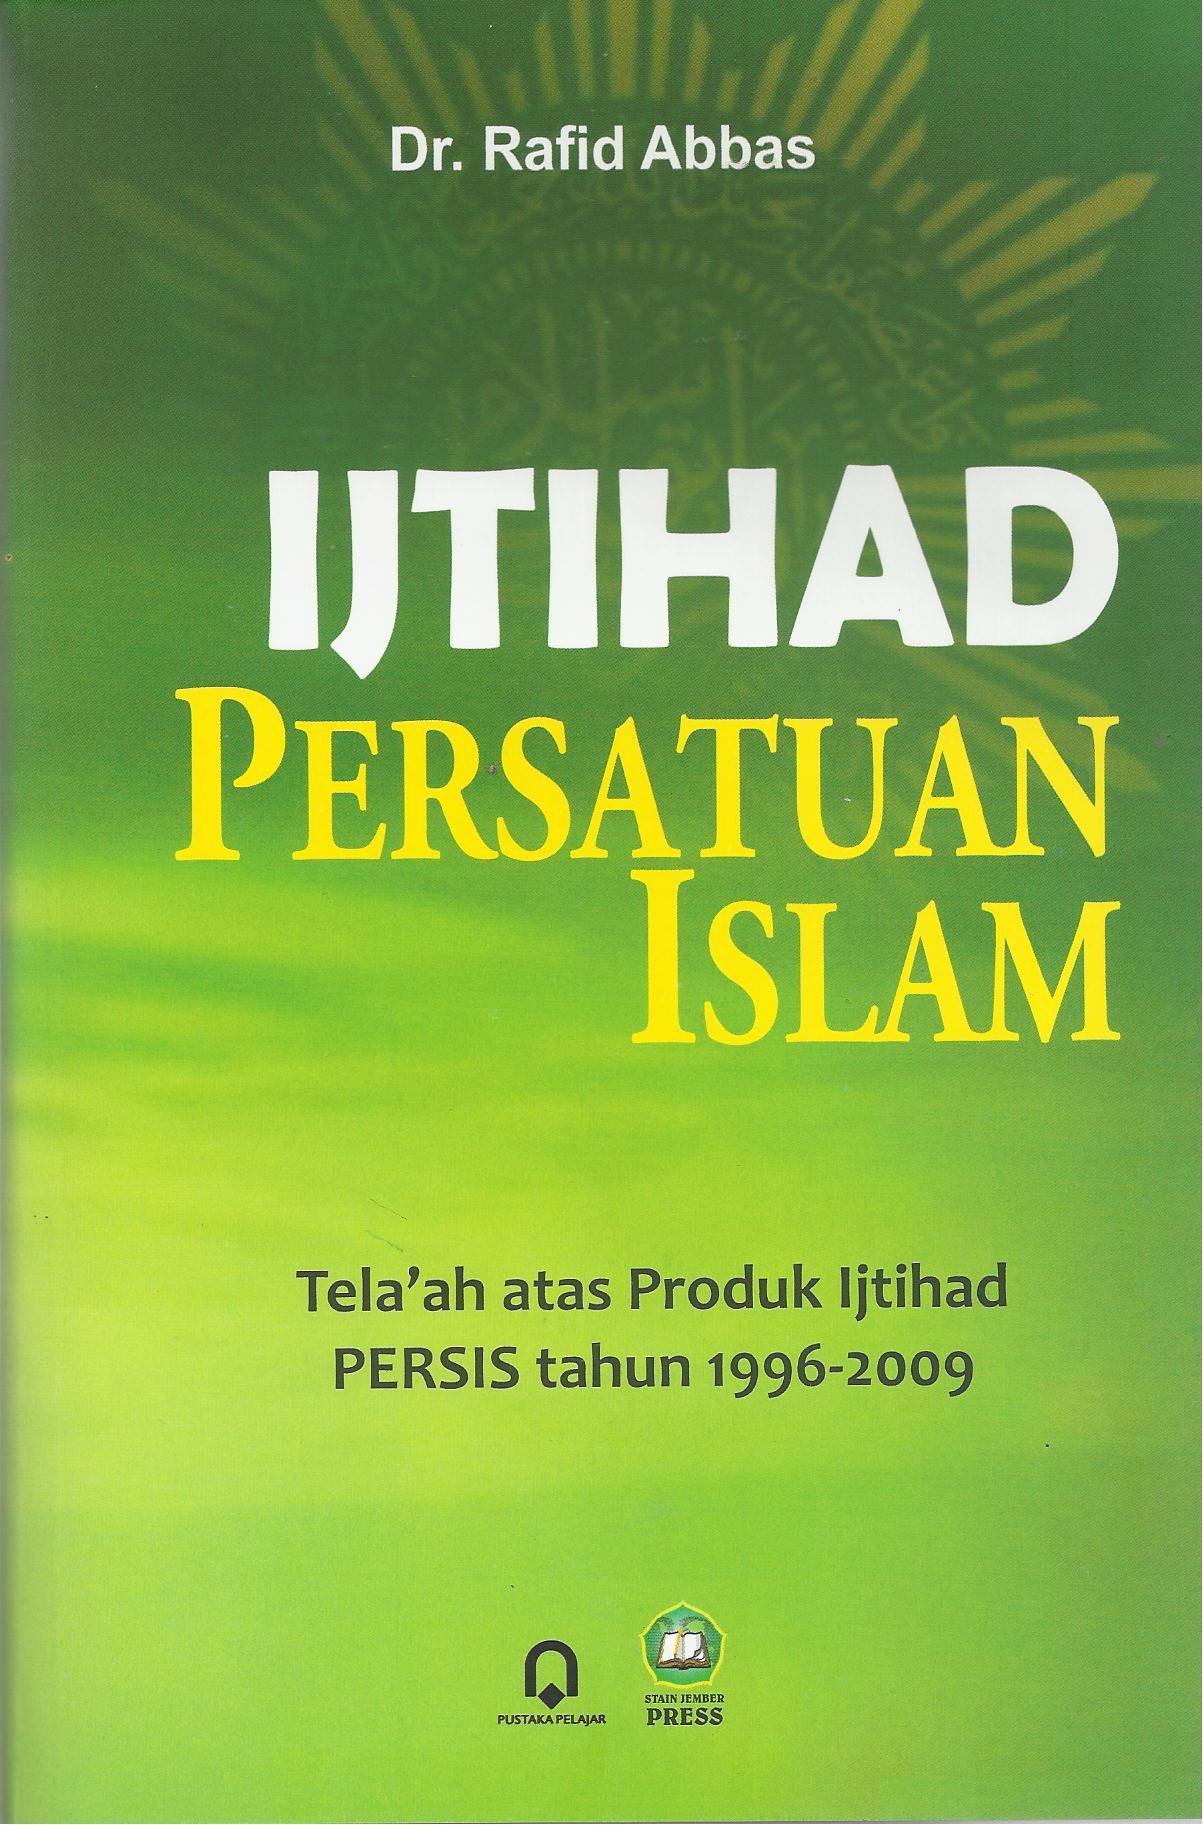 Ijtihad Persatuan Islam